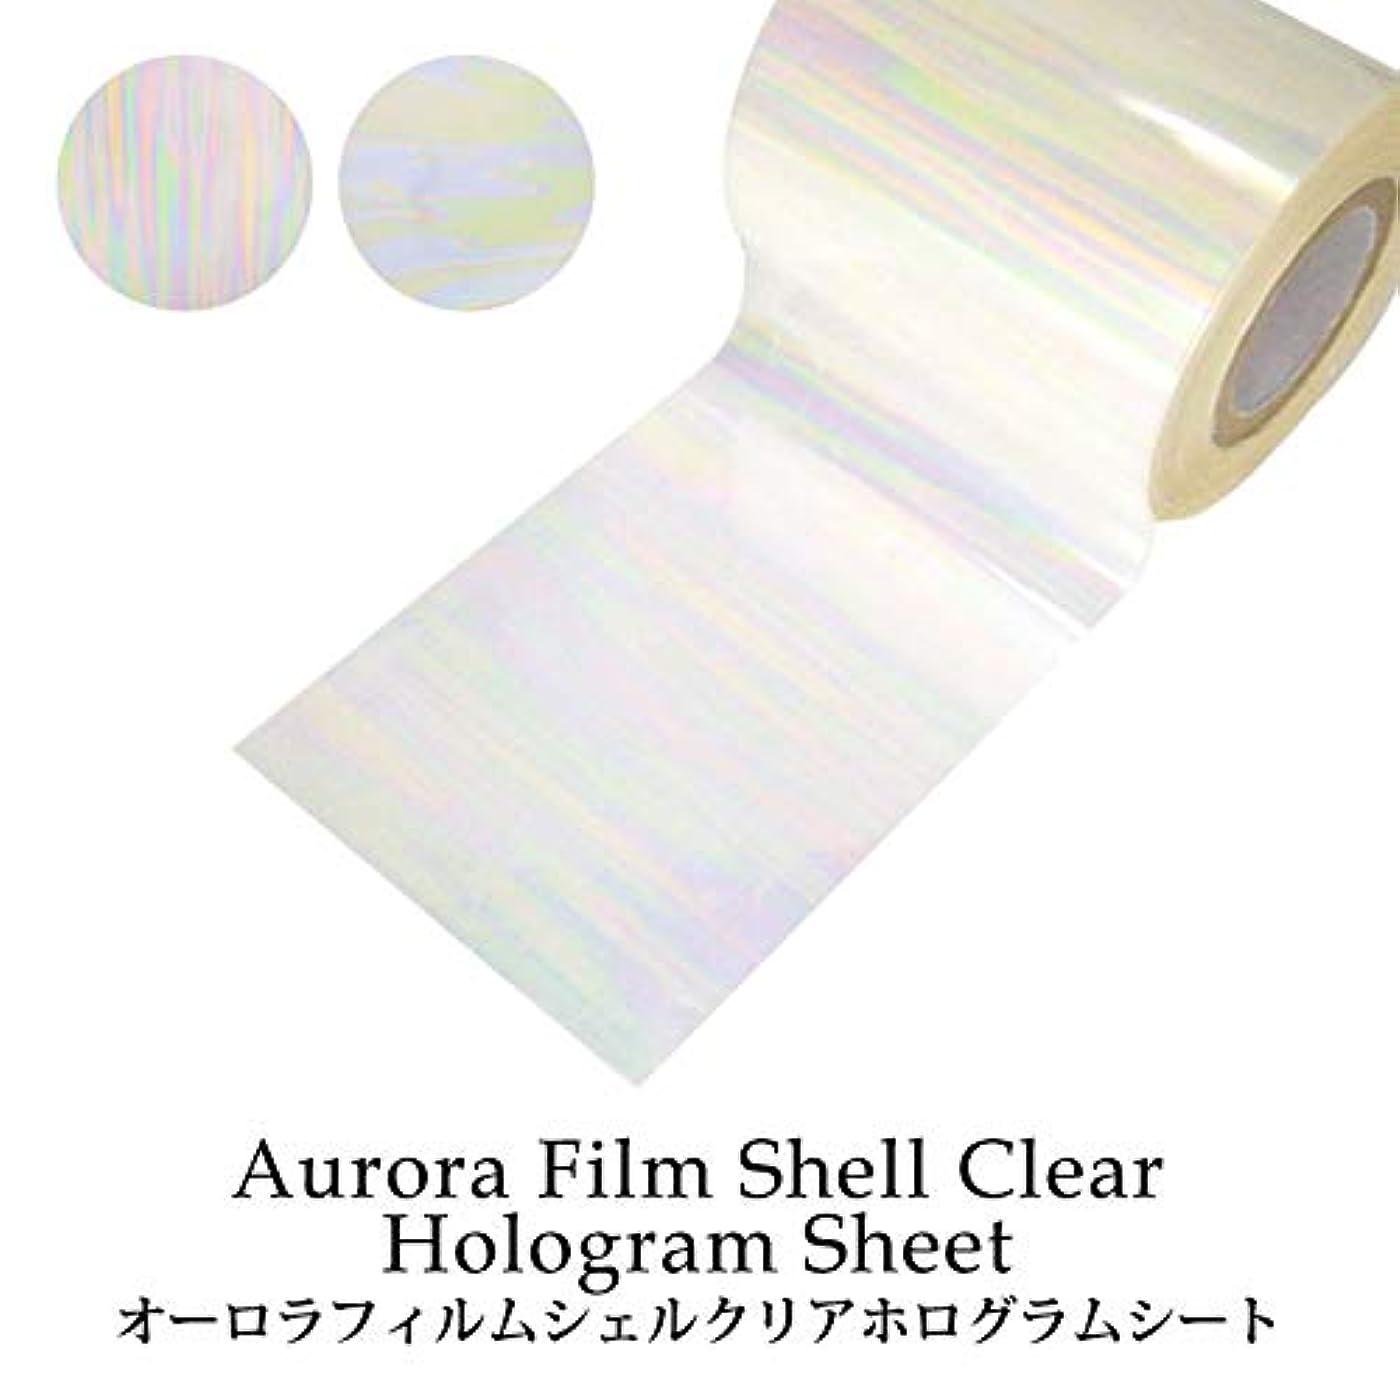 クールバルコニー不条理オーロラフィルム シェルクリア ホログラムシート(1-2) 1枚入り (2.シェルクリア(横))